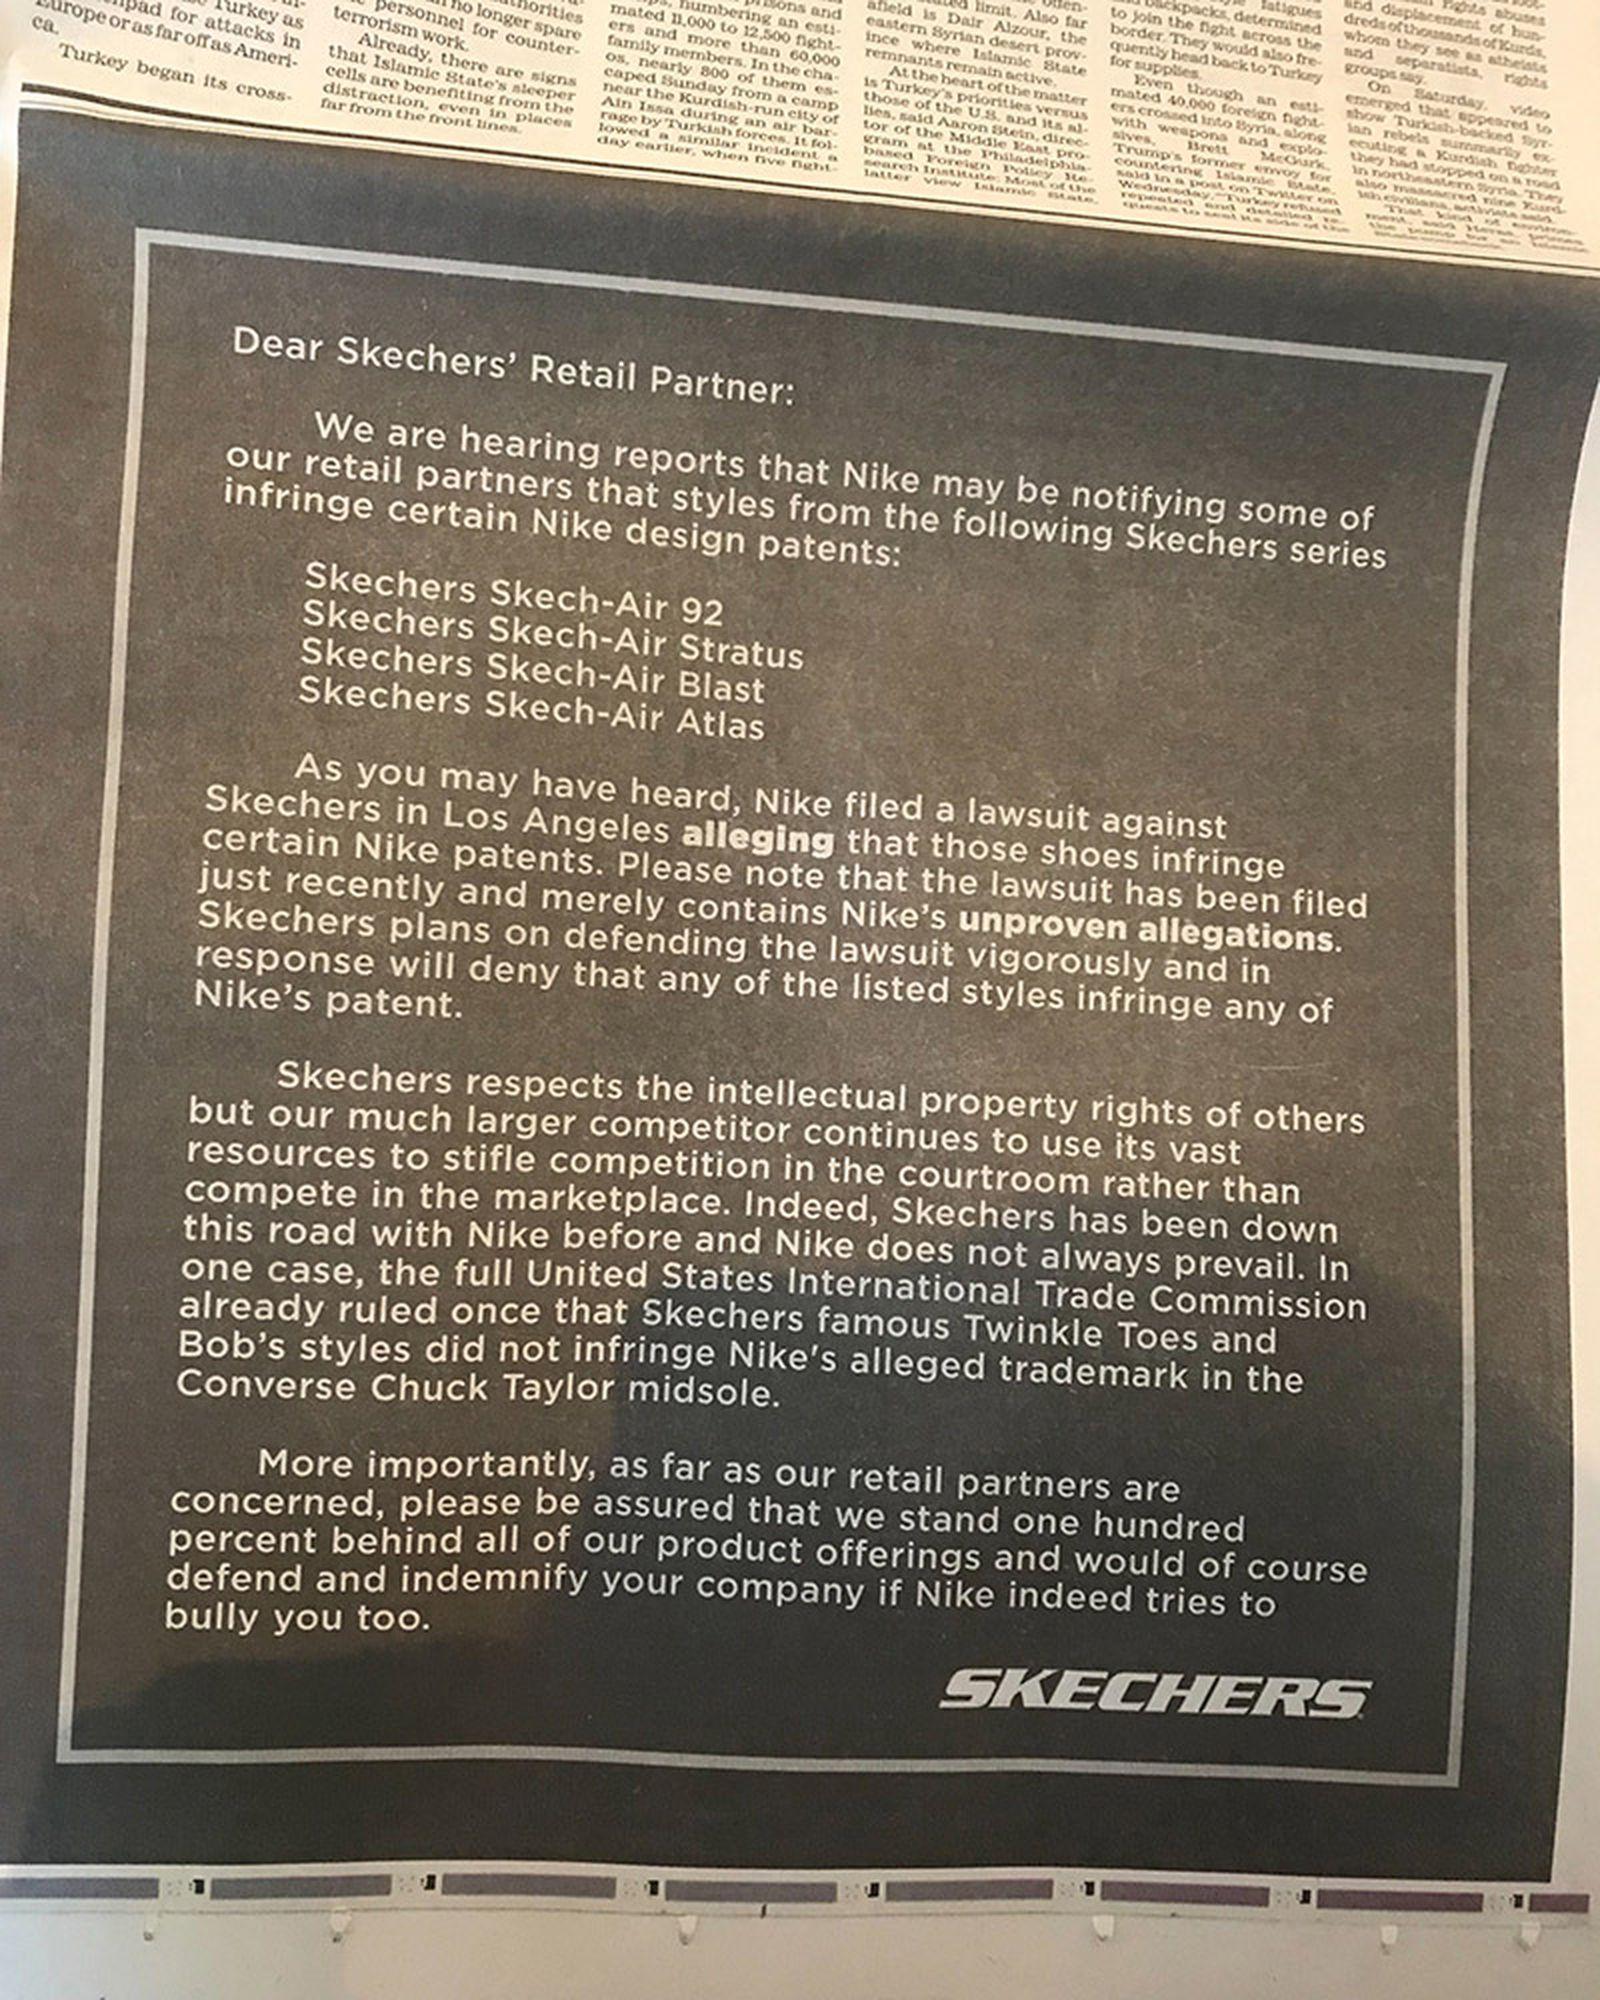 skechers nike lawsuit los angeles times ad